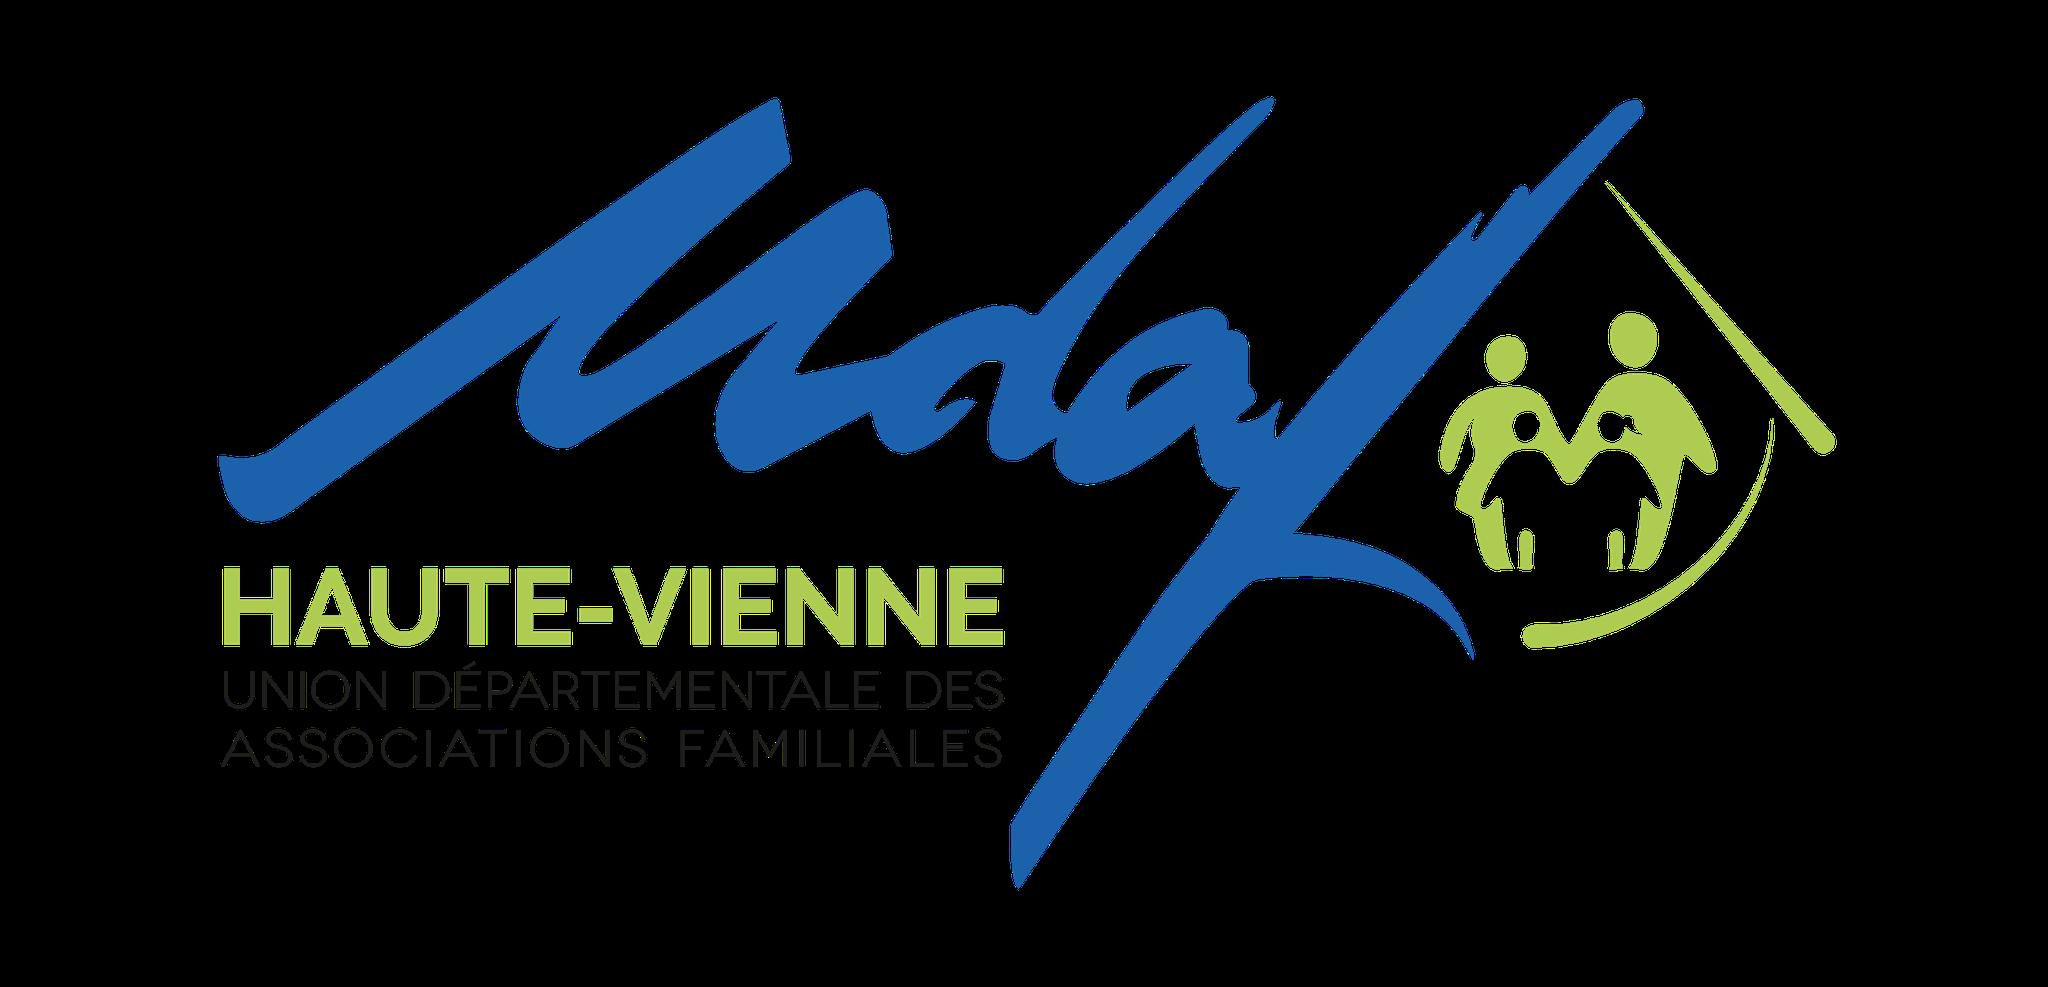 UDAF de la Haute-Vienne